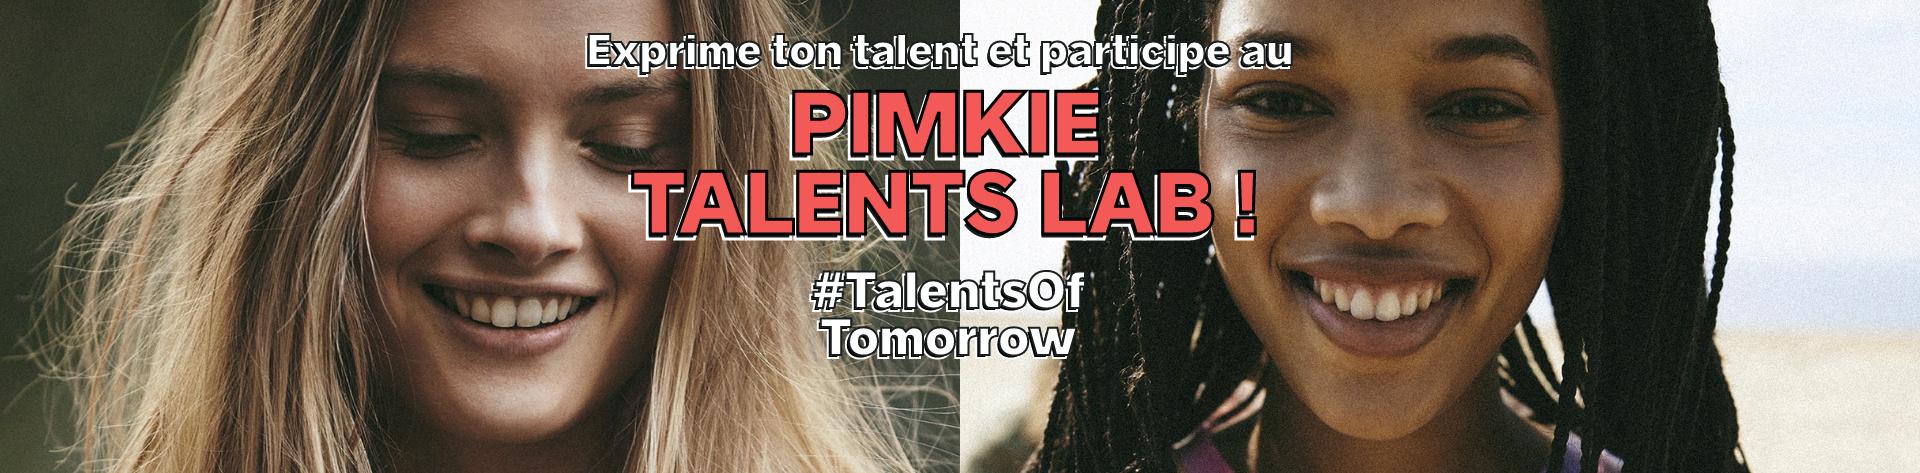 Talents lab - Exprime ton talent et participe au pimkie talents lab - Pimkie